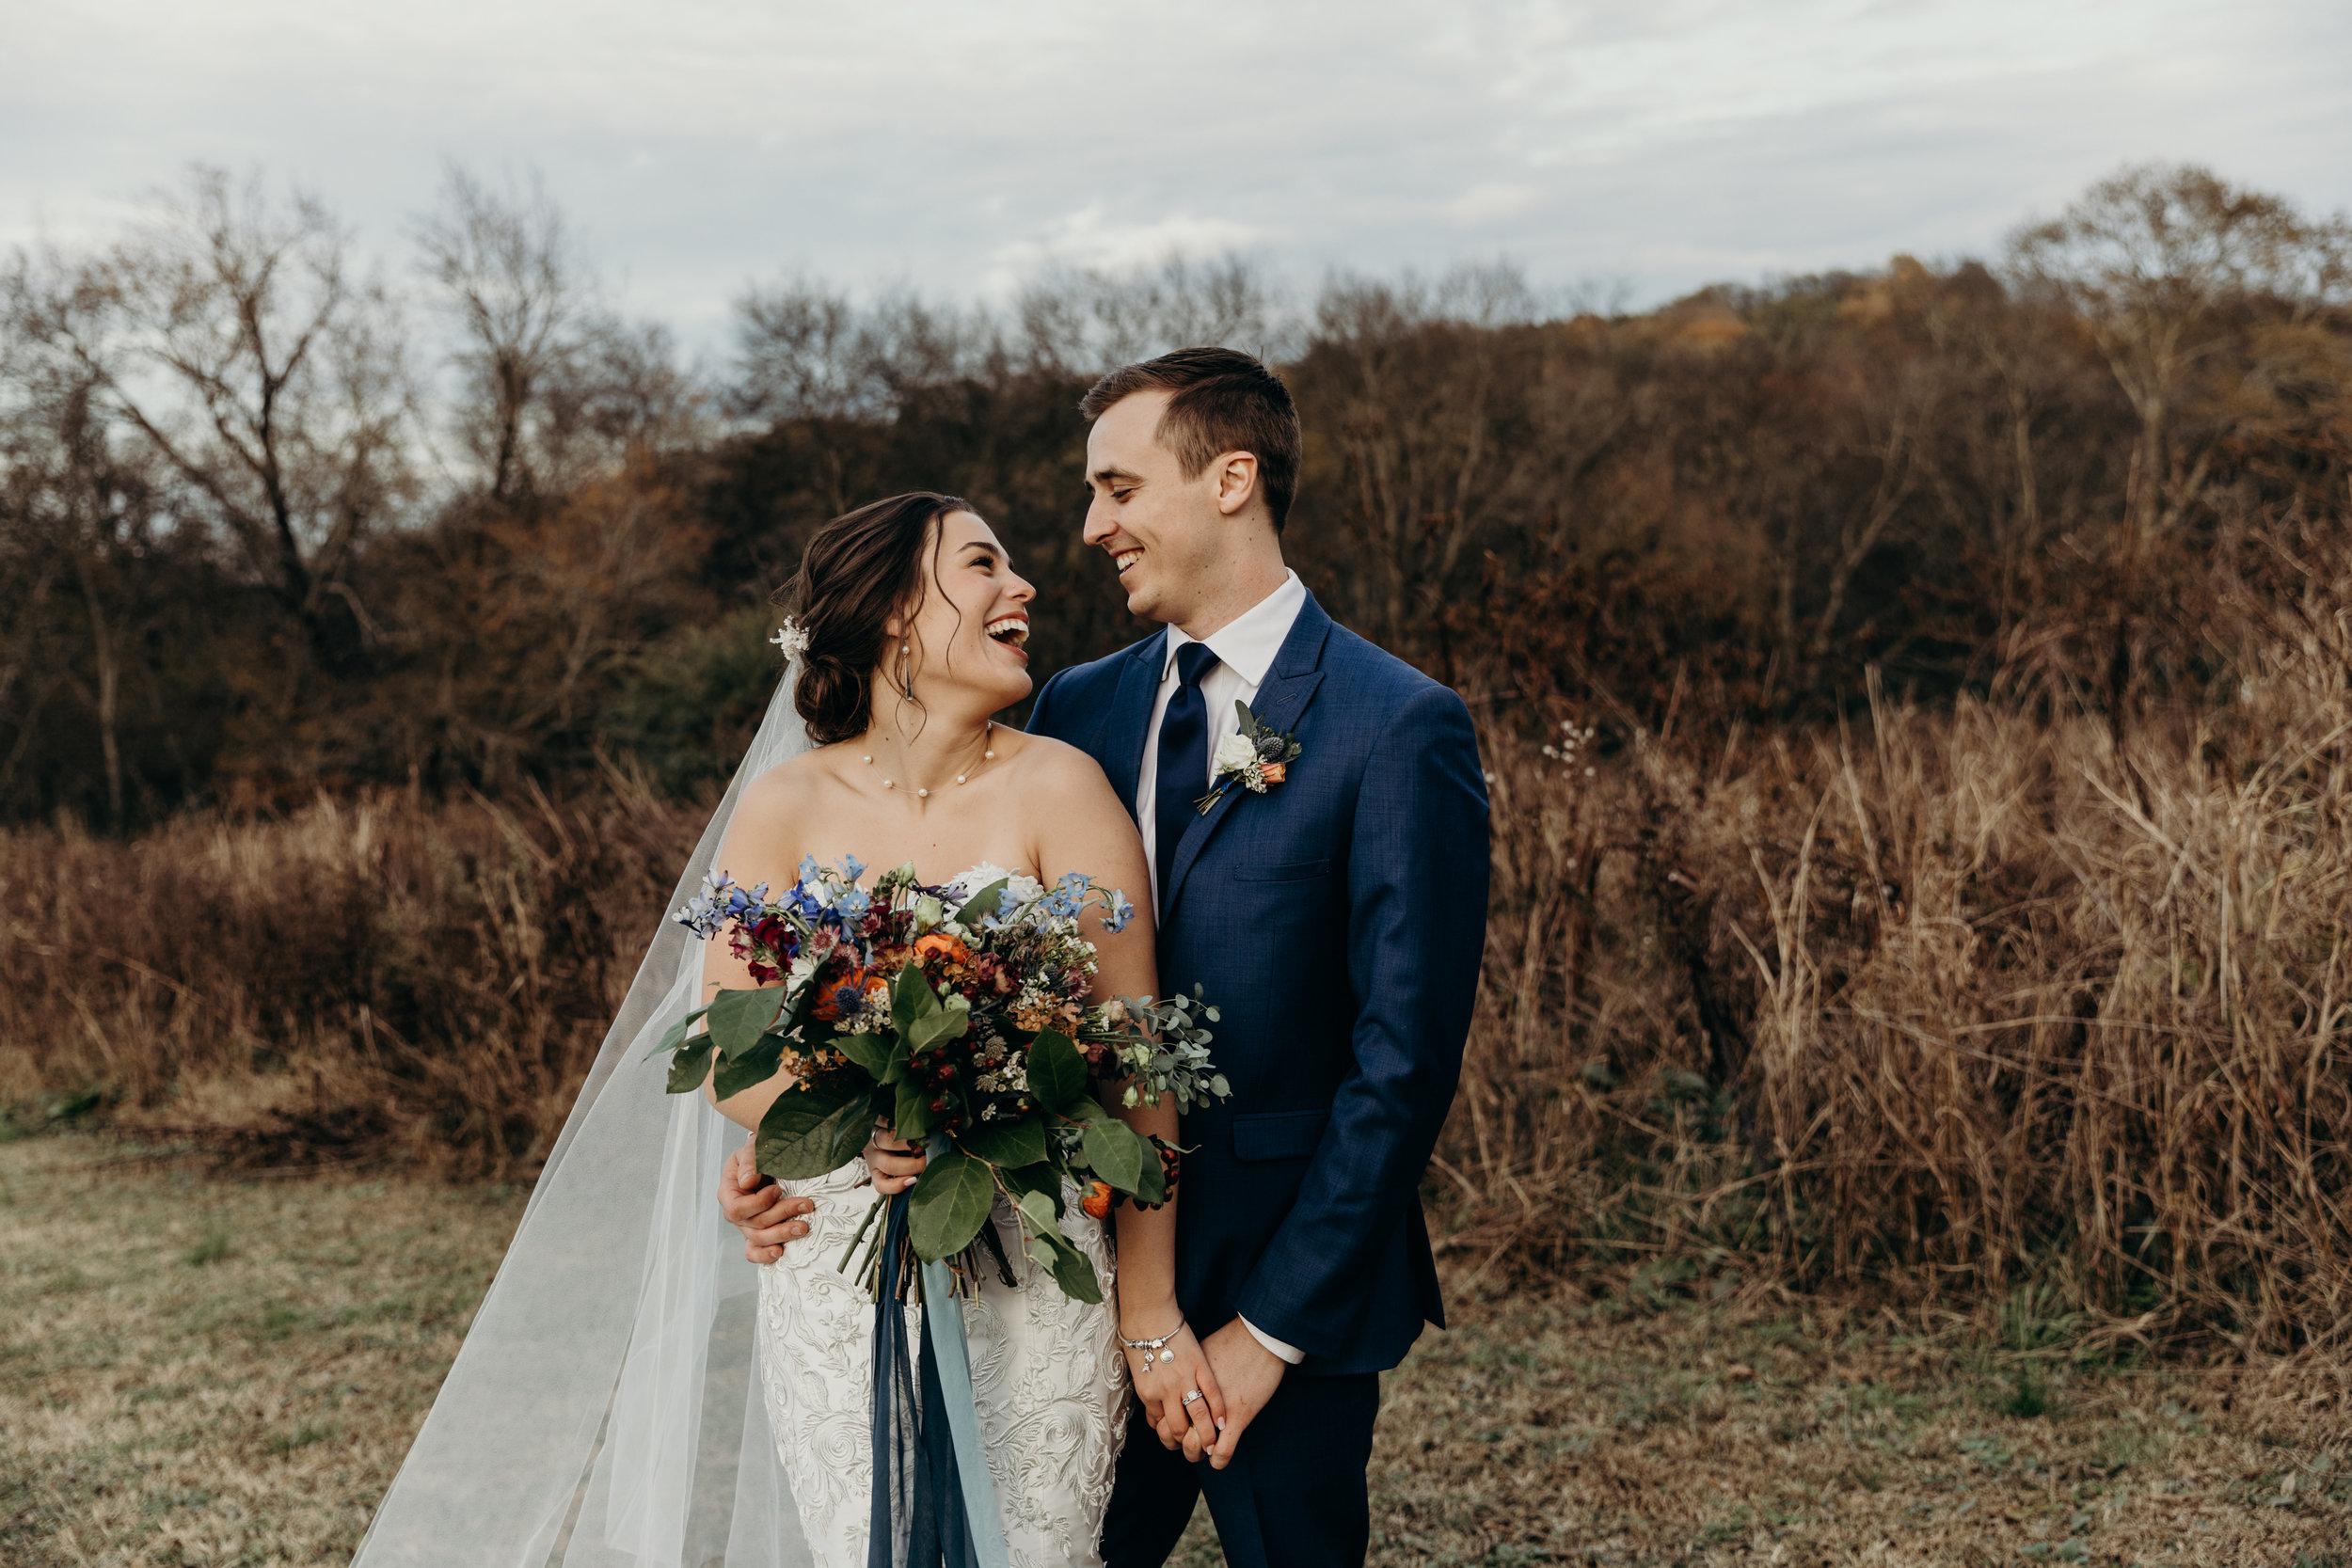 658-ltw-morgan-adam-wedding.jpg